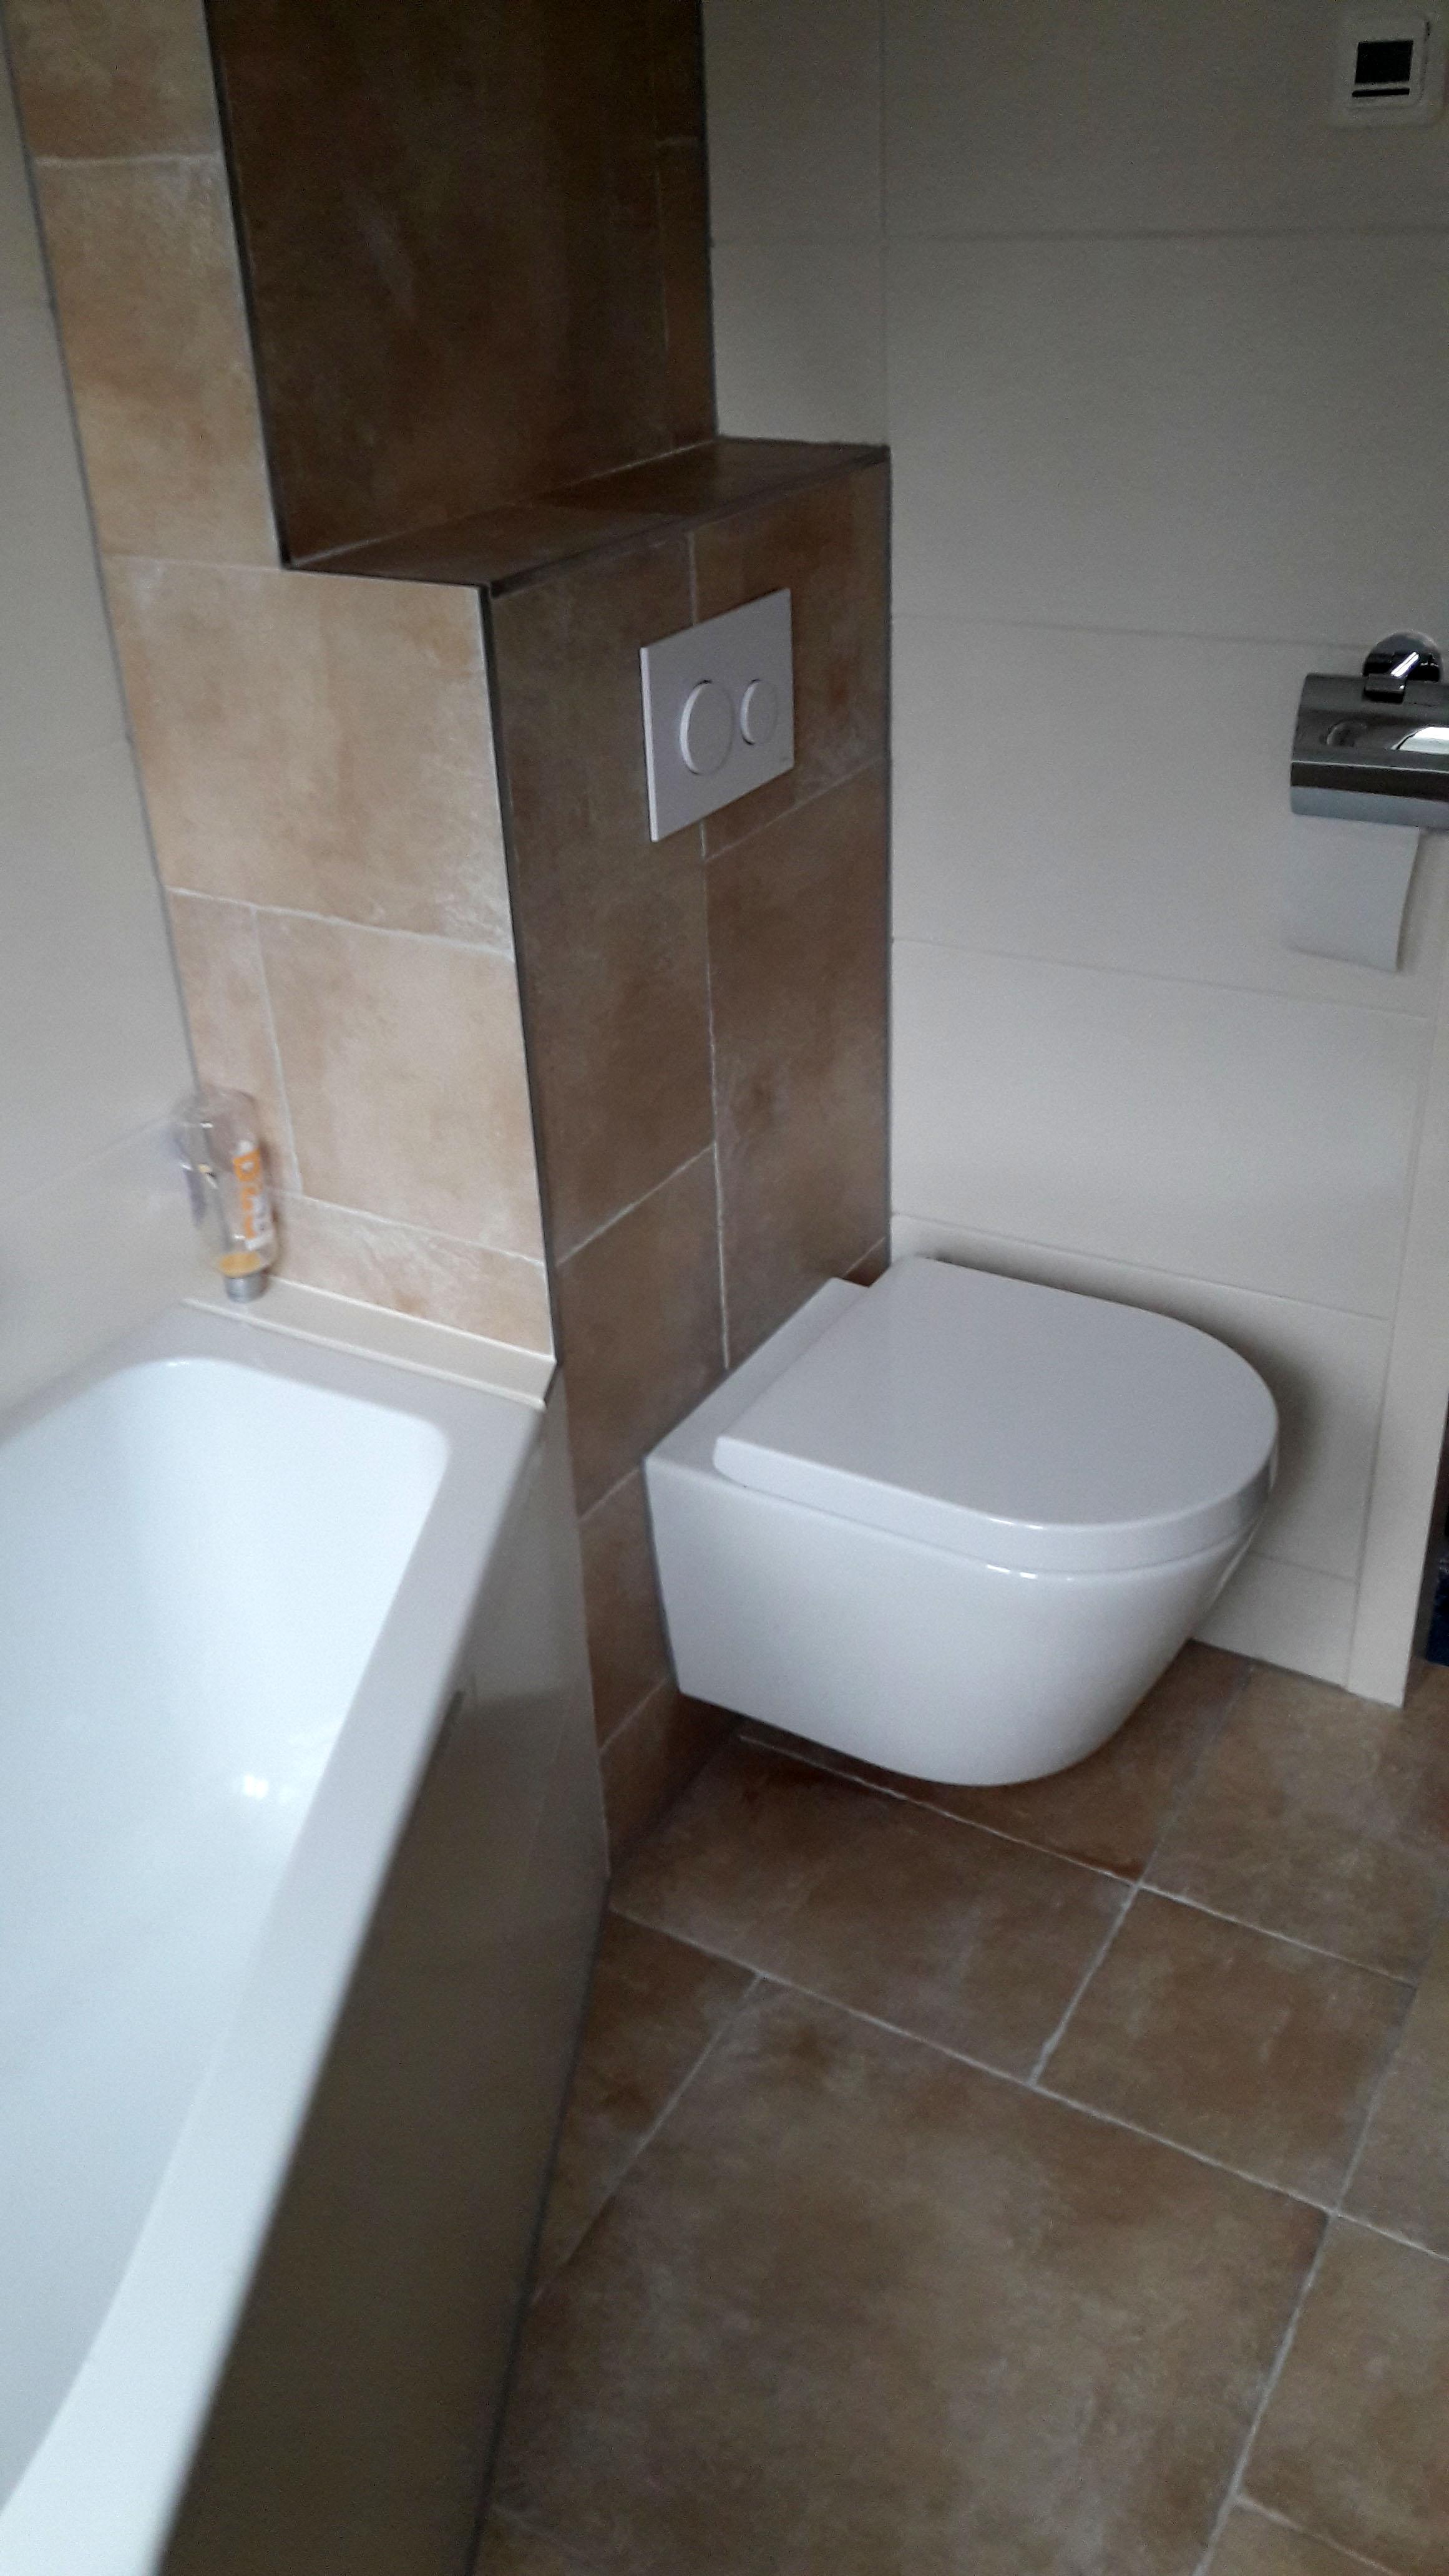 verbouwing badkamer -  u0026 39 romaans verband u0026 39